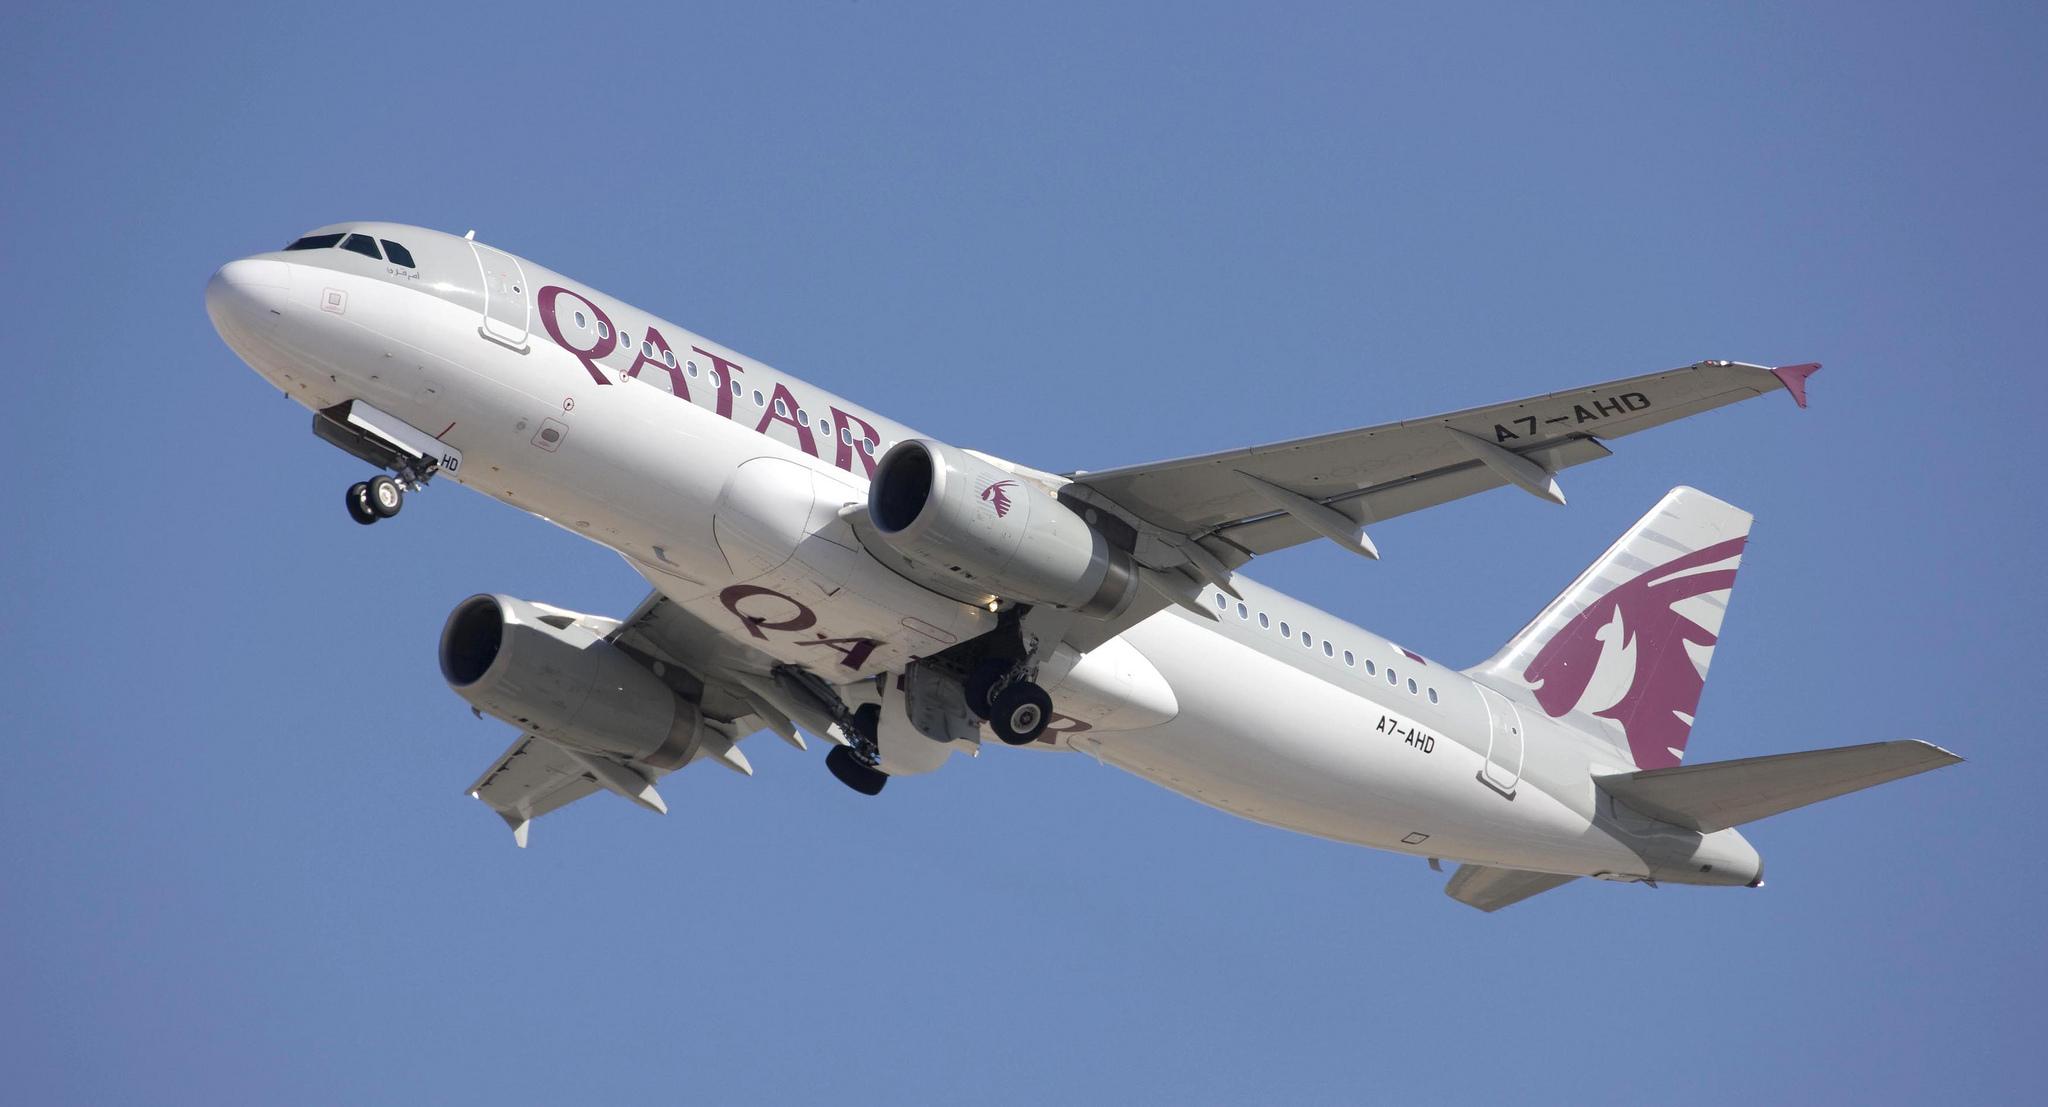 quatar-airway-1